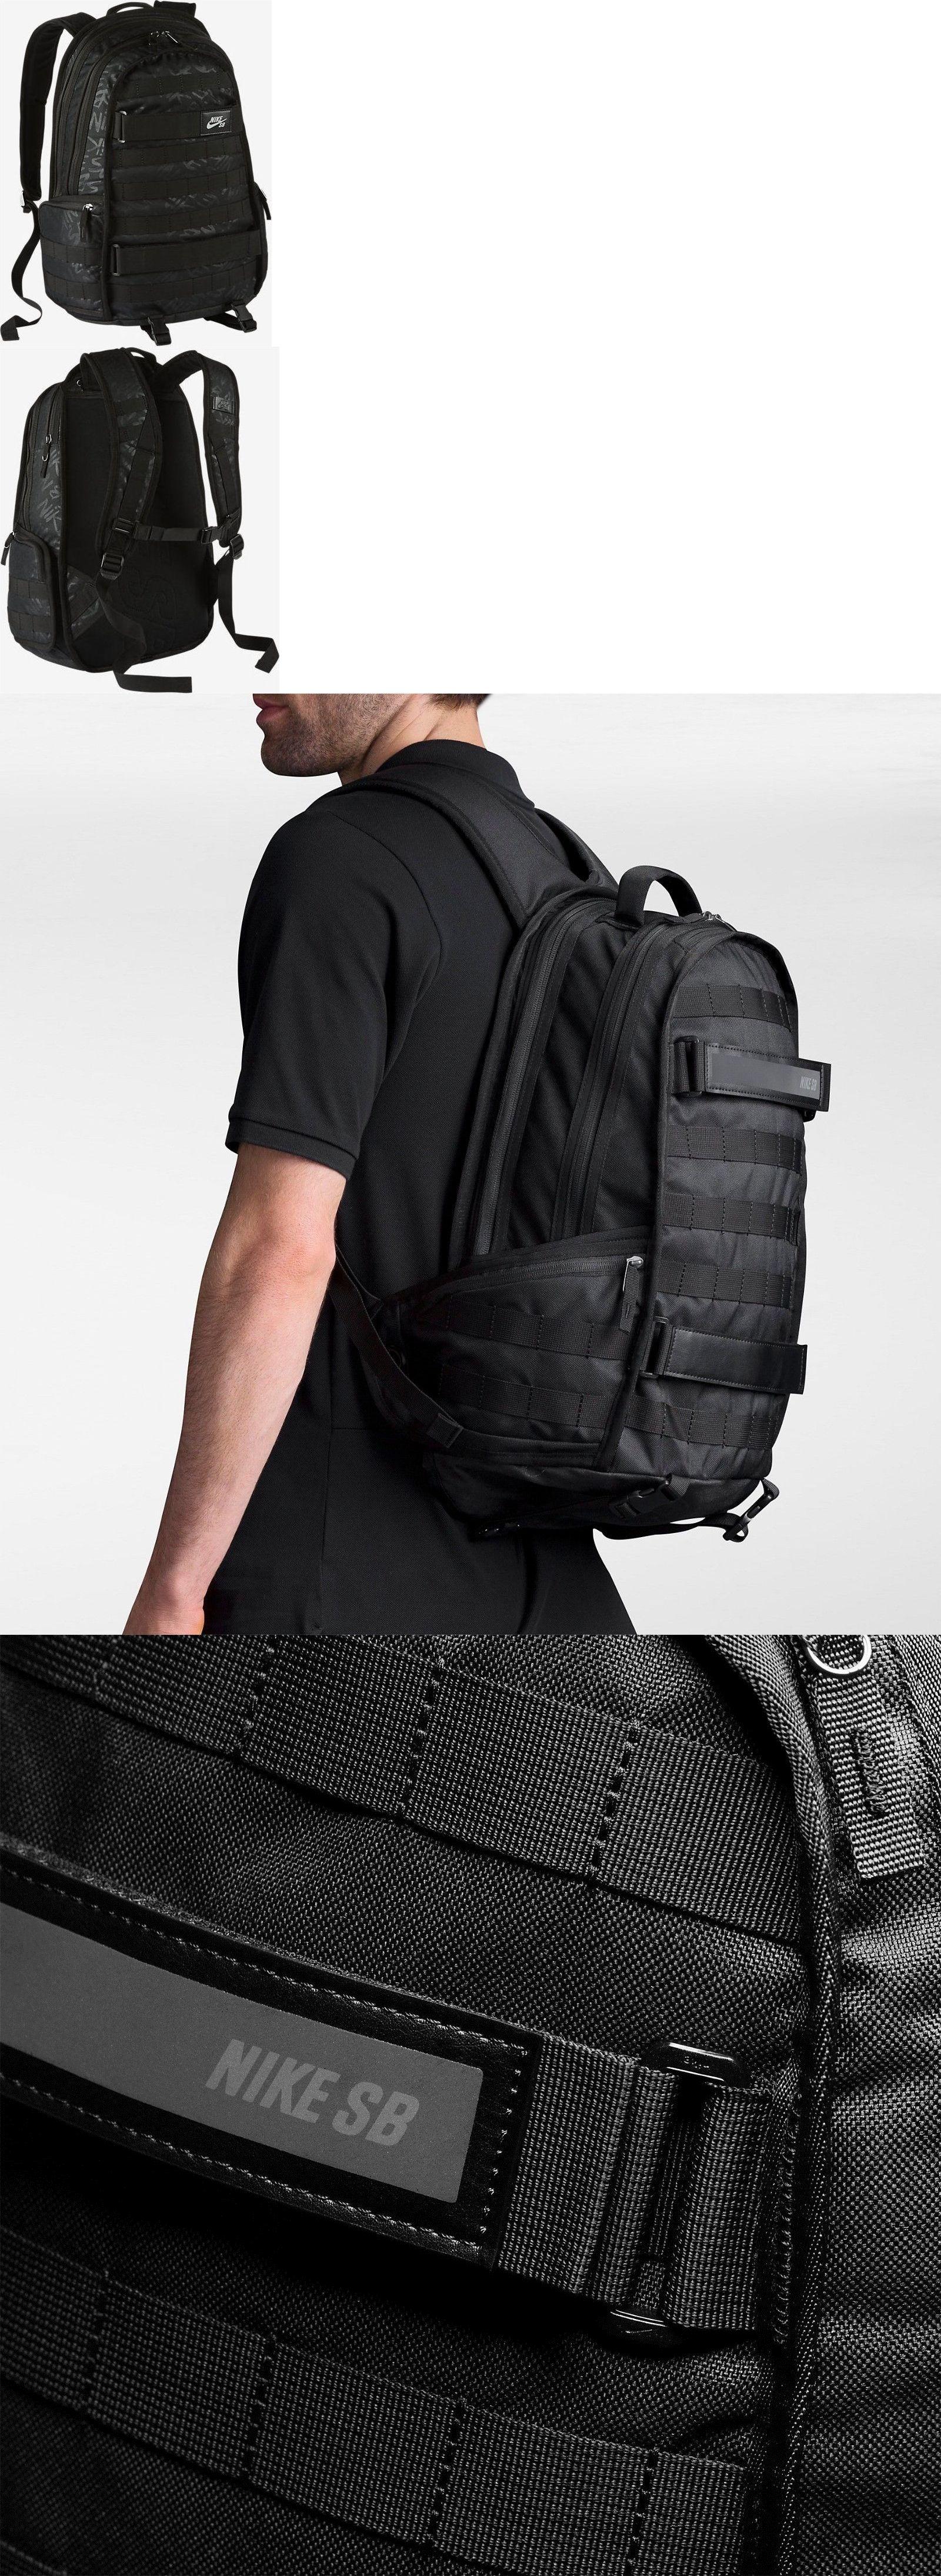 Bags And Backpacks 163537 Nike Sb Rpm Skateboarding Backpack Ba5404 005 Skateboard Book